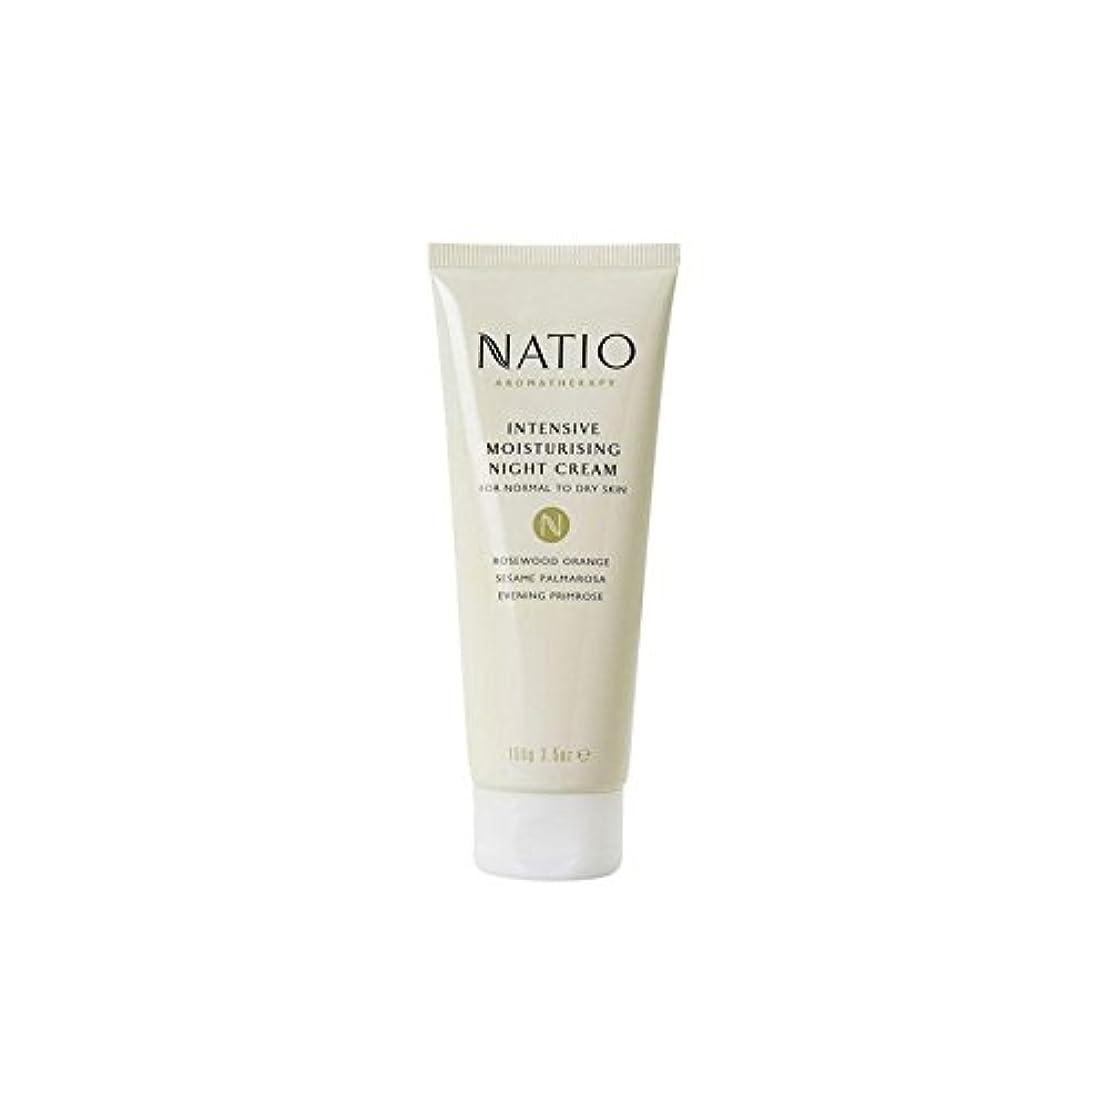 ピービッシュ地下室データNatio Intensive Moisturising Night Cream (100G) (Pack of 6) - 集中的な保湿ナイトクリーム(100グラム) x6 [並行輸入品]